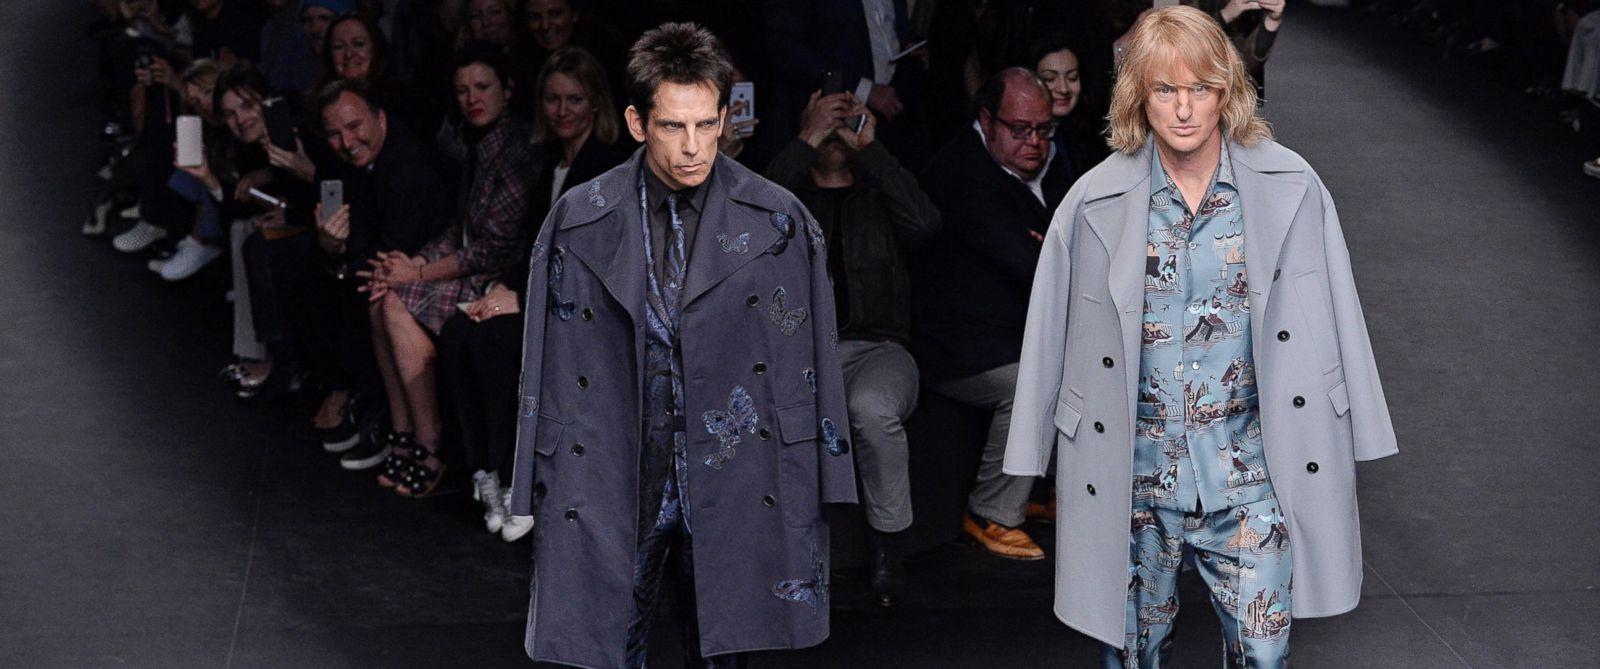 PHOTO: Zoolander stars Ben Stiller (L) and Owen Wilson (R) walk the runway at the Valentino Autumn Winter 2015 fashion show during Paris Fashion Week on March 10, 2015 in Paris.